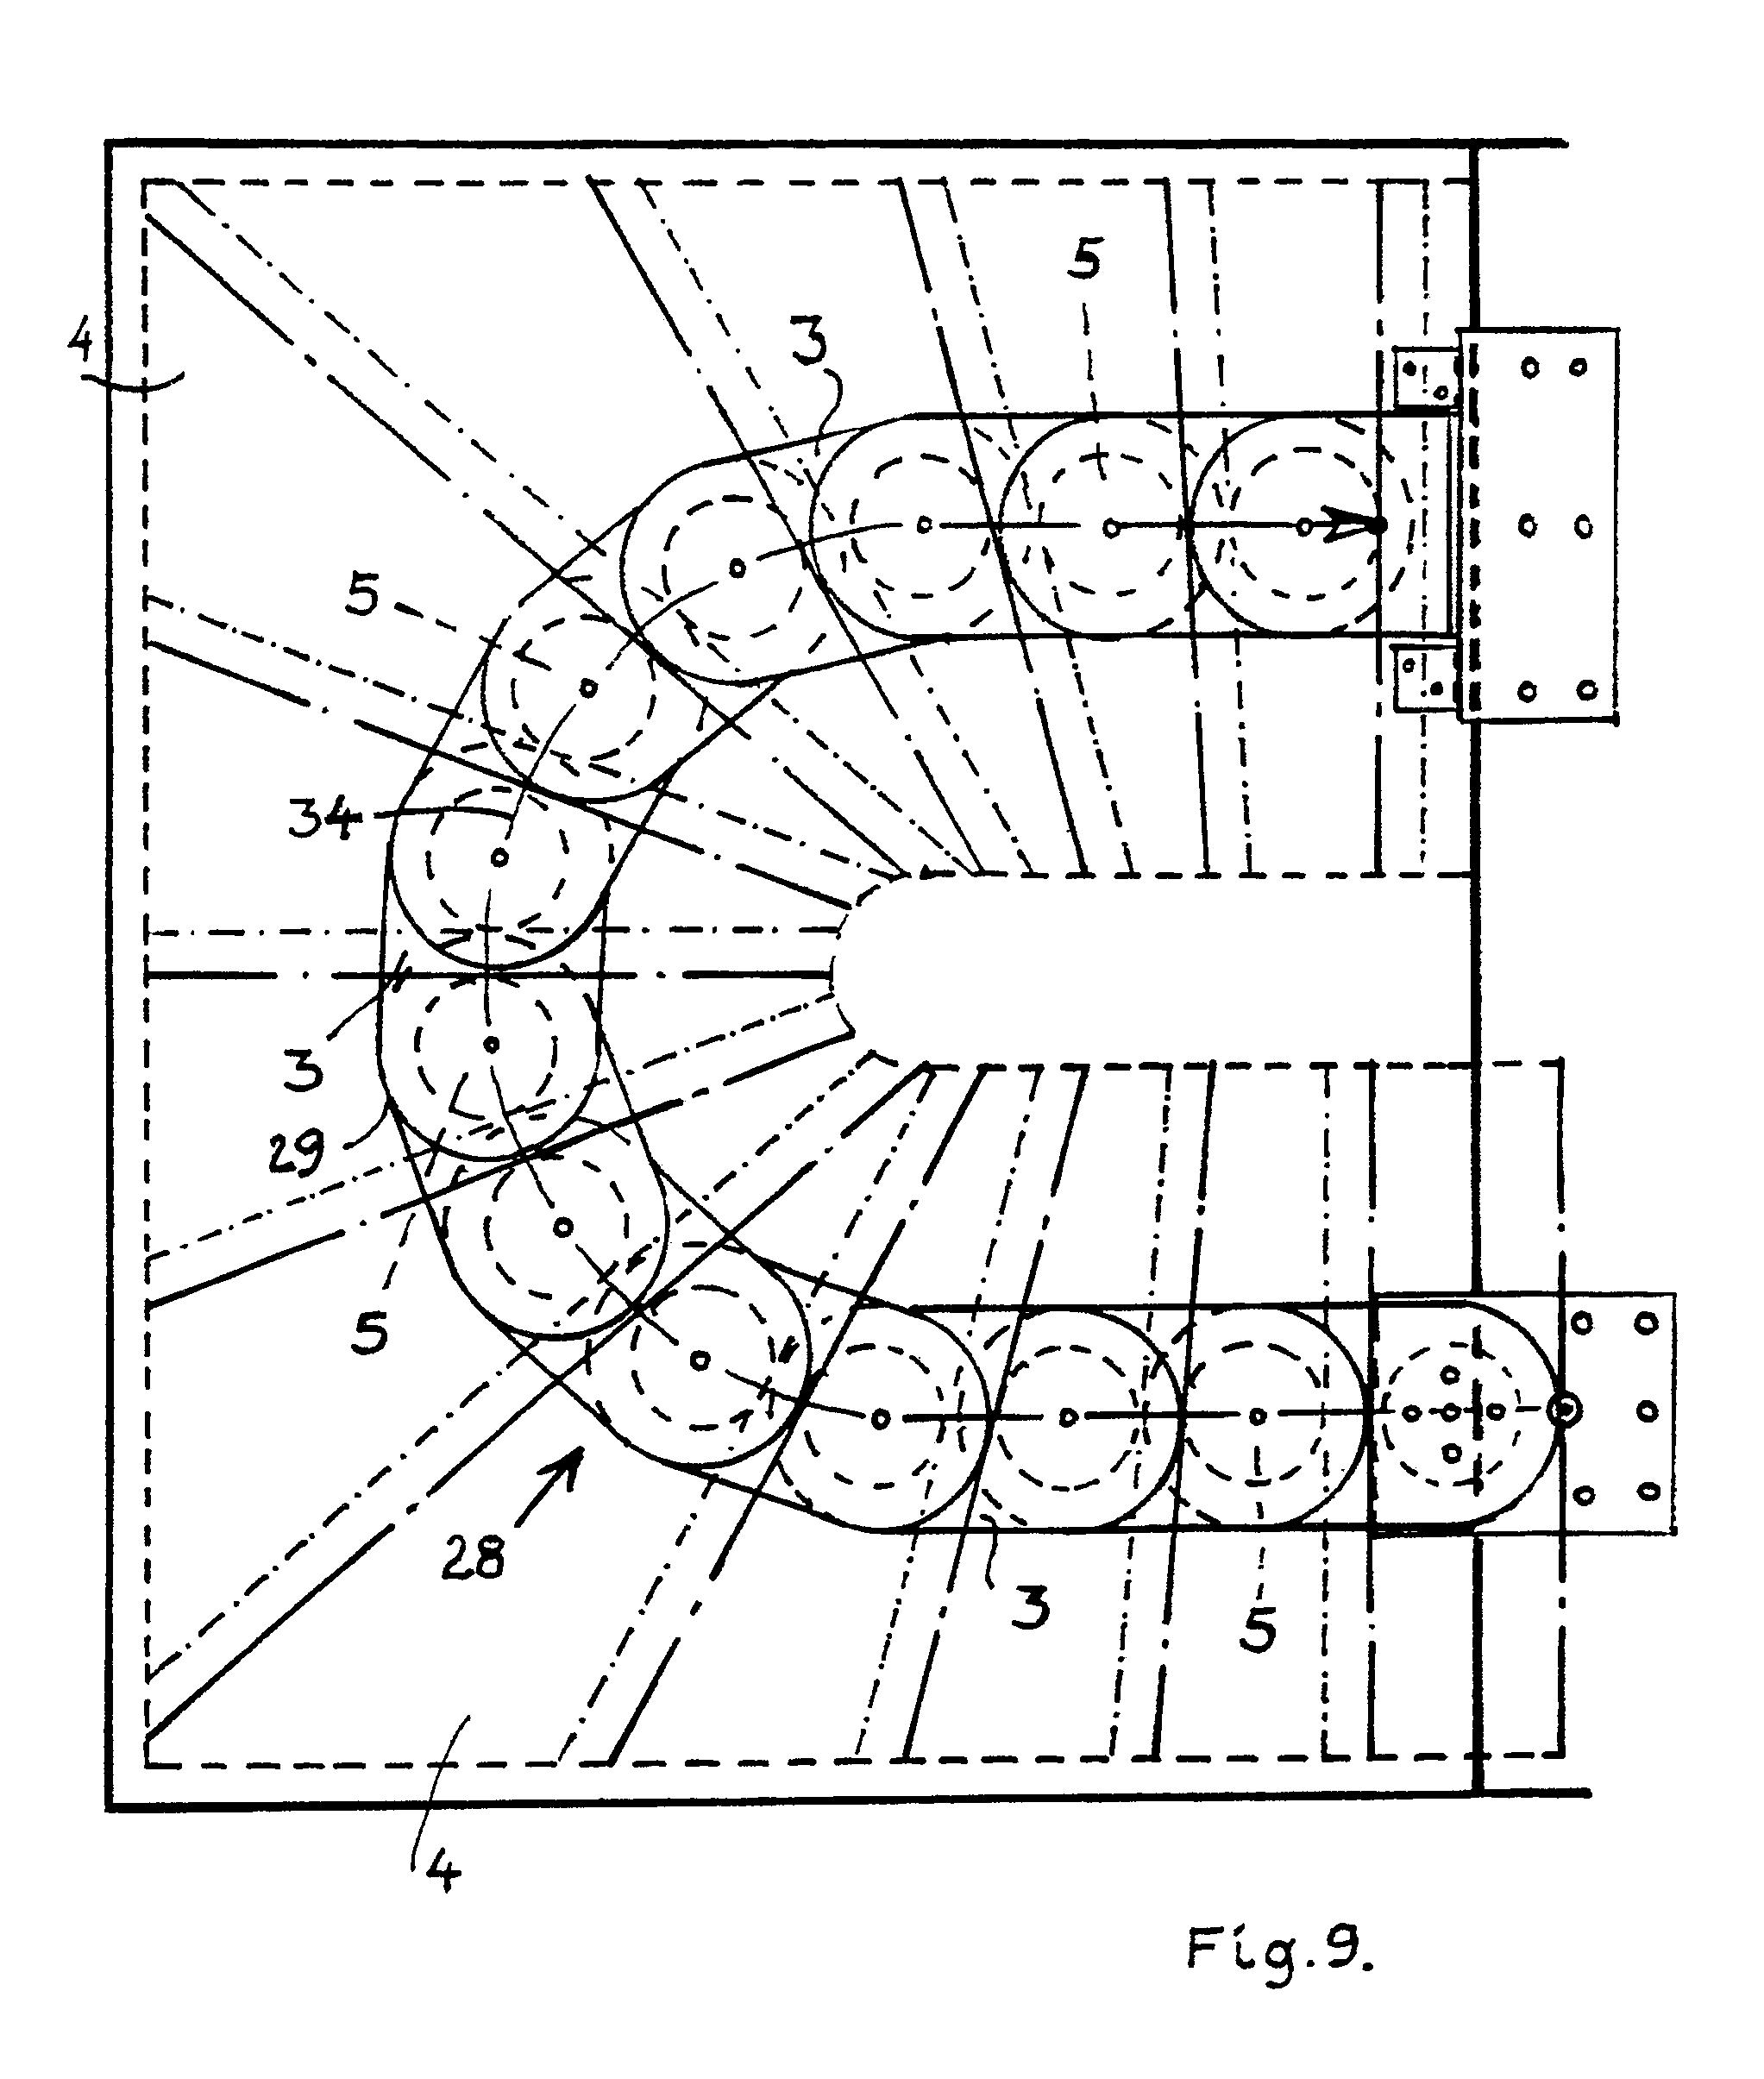 patent ep0283890b1 vorzufertigende tragkonstruktion f r. Black Bedroom Furniture Sets. Home Design Ideas